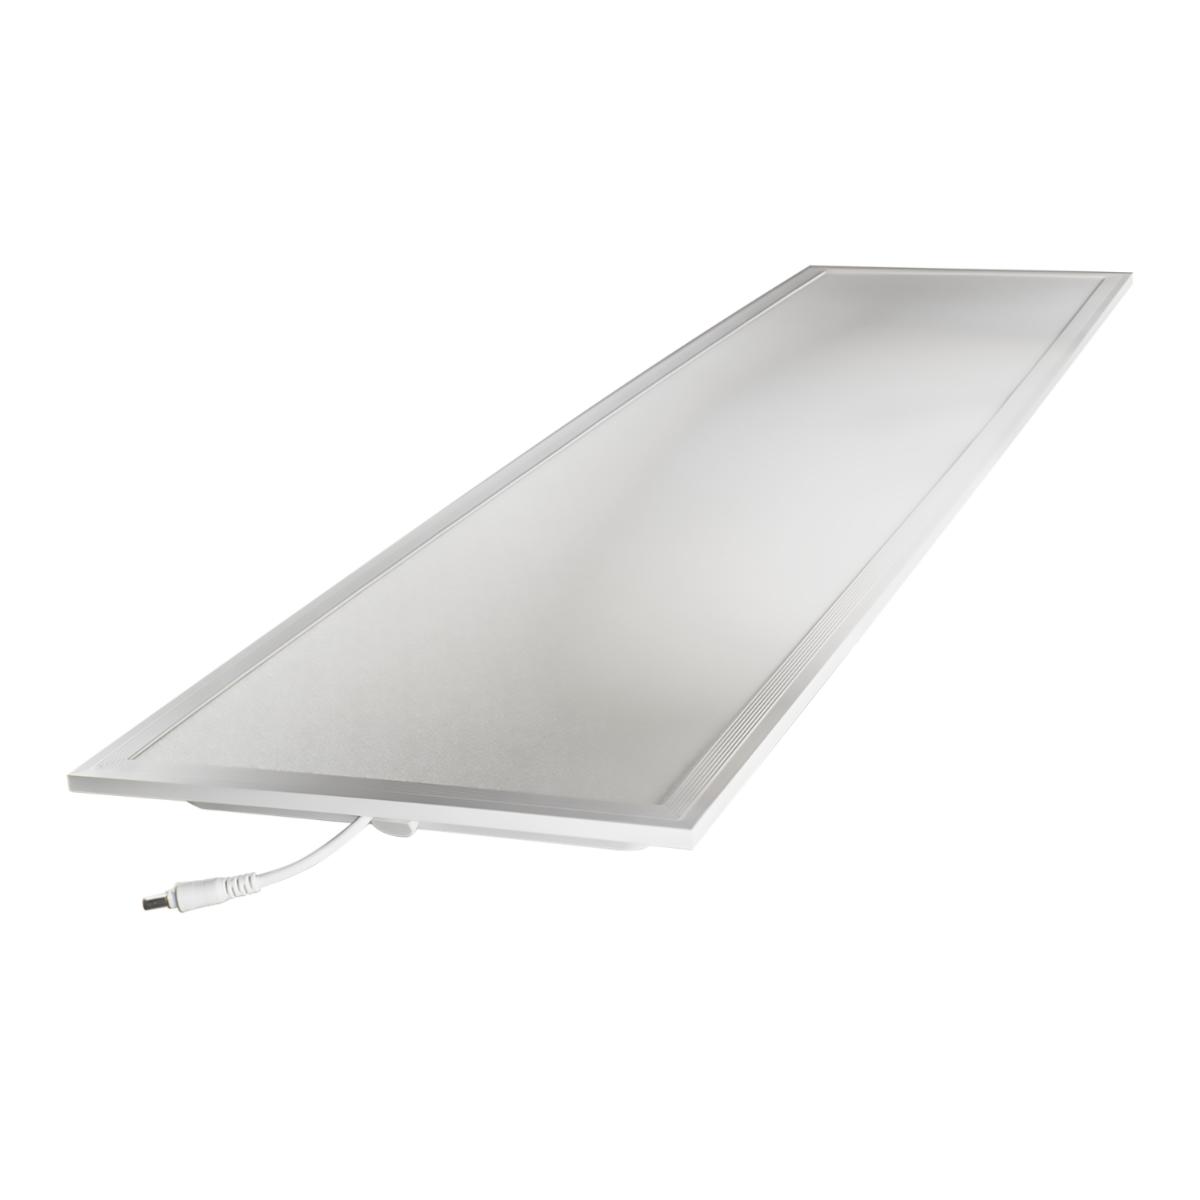 Noxion LED Panel Econox 32W 30x120cm 6500K 4400lm UGR <22 | Tageslichtweiß - Ersatz für 2x36W